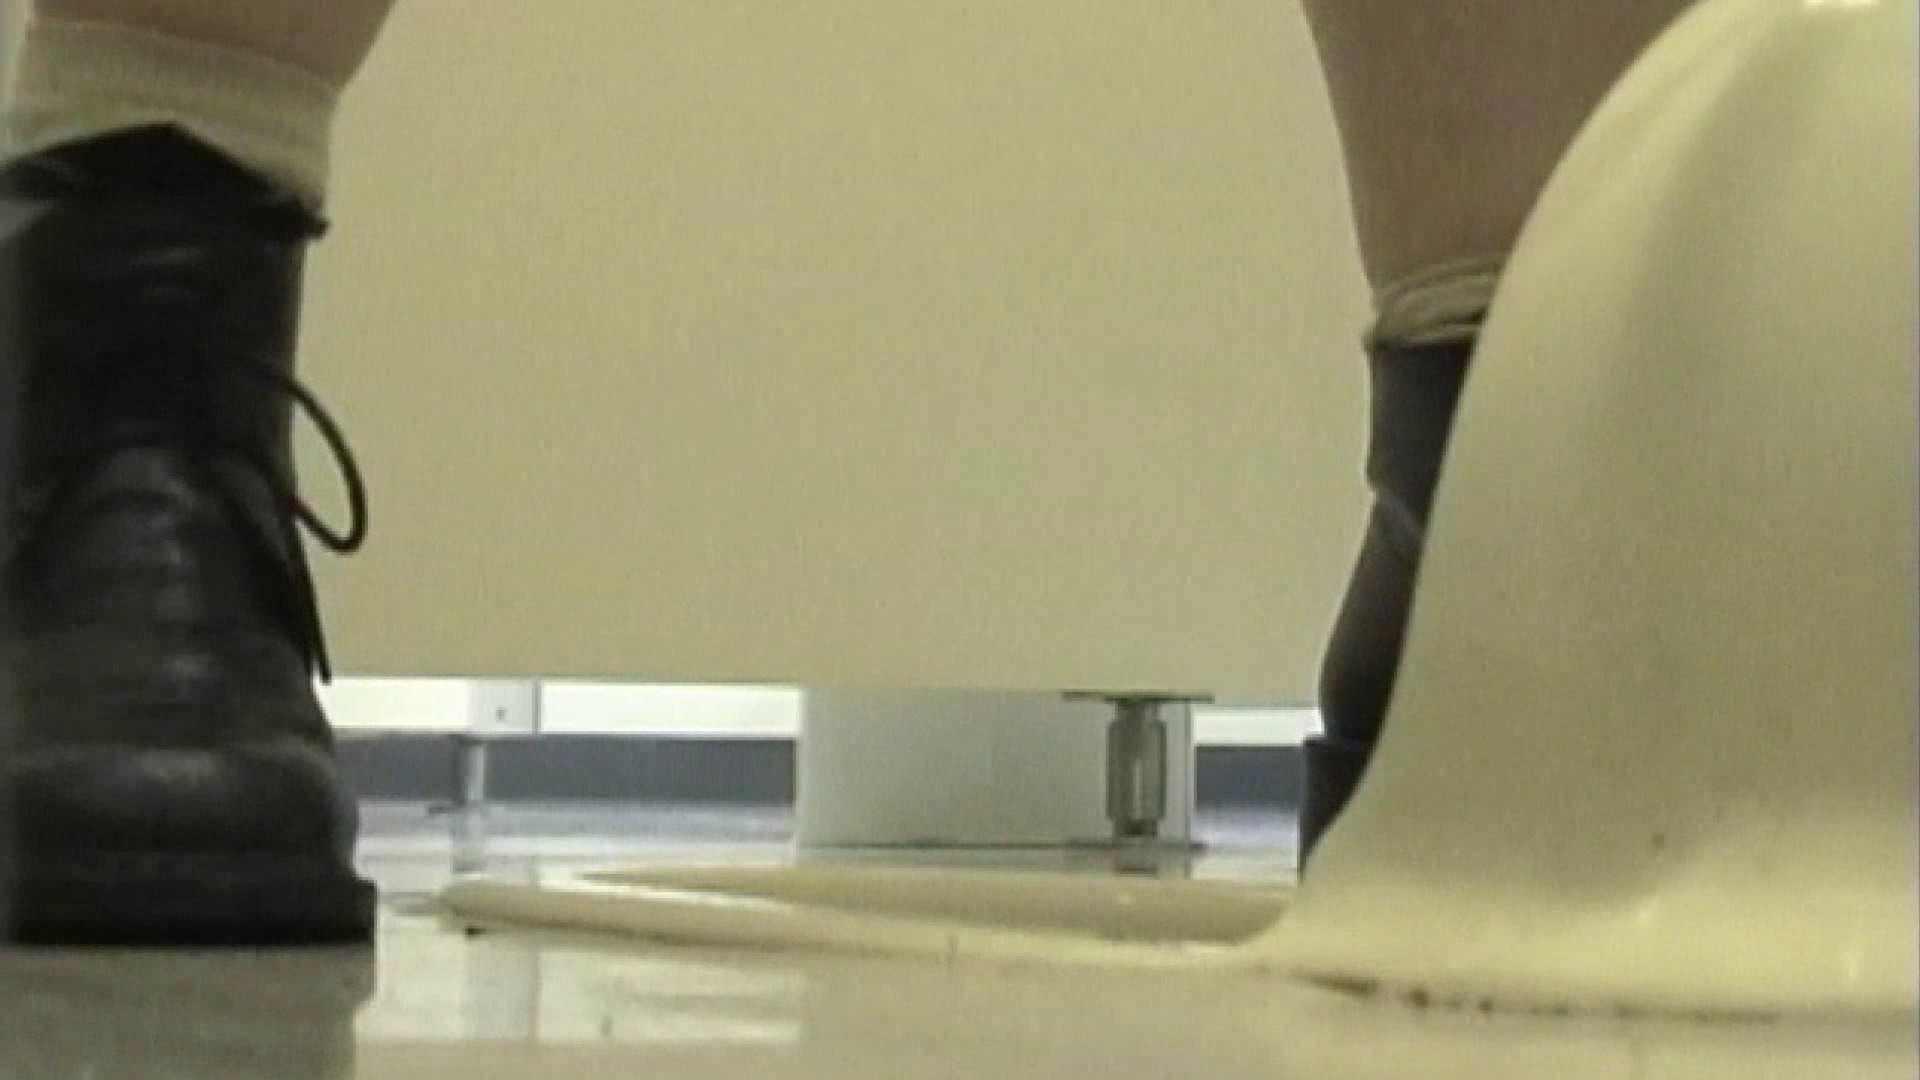 キレカワ女子大生の秘密の洗面所!Vol.035 学校 | OLすけべ画像  75連発 33